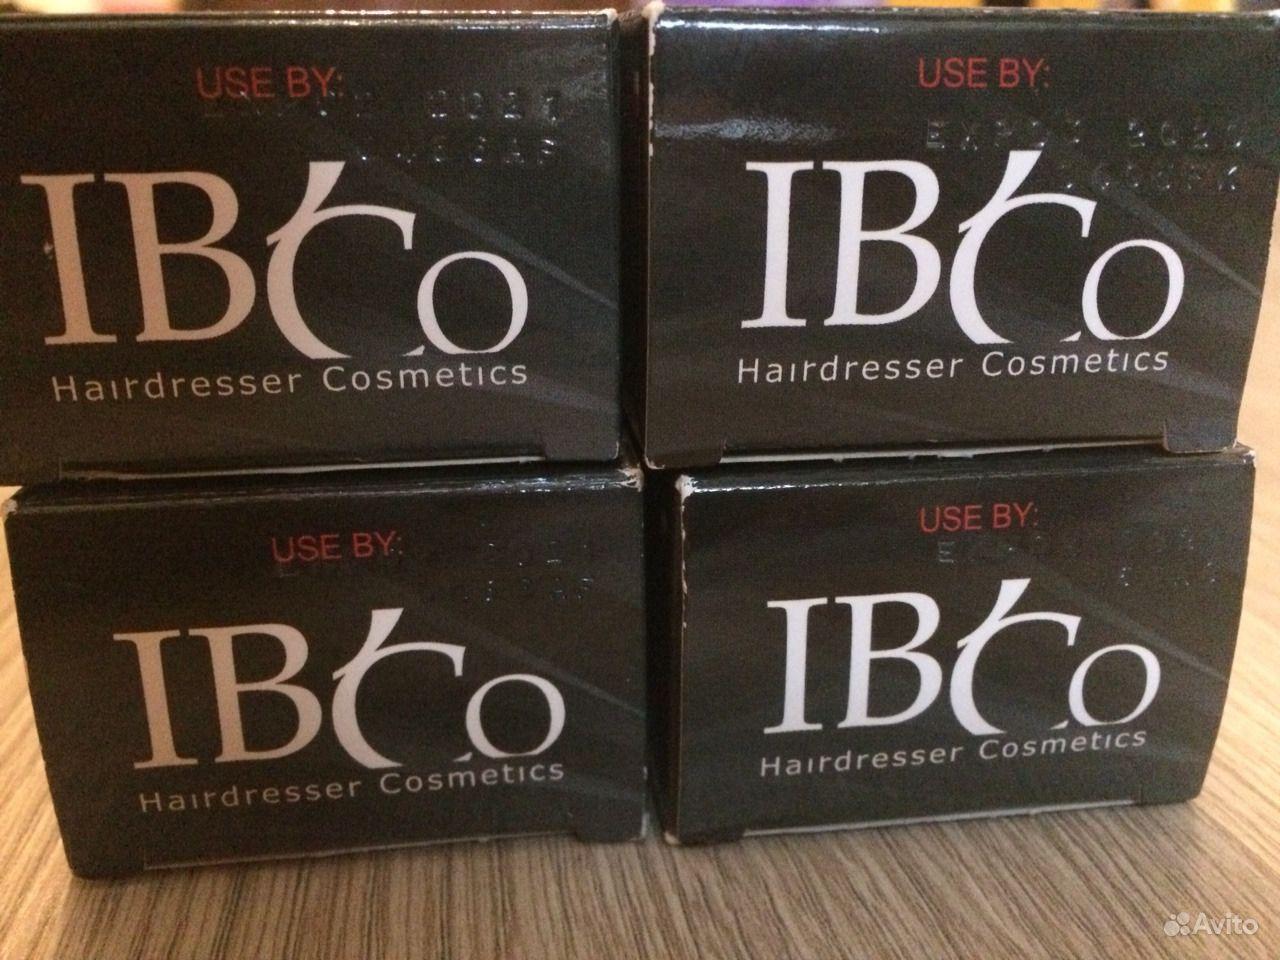 Косметика ibco купить клиник косметика купить нижний новгород